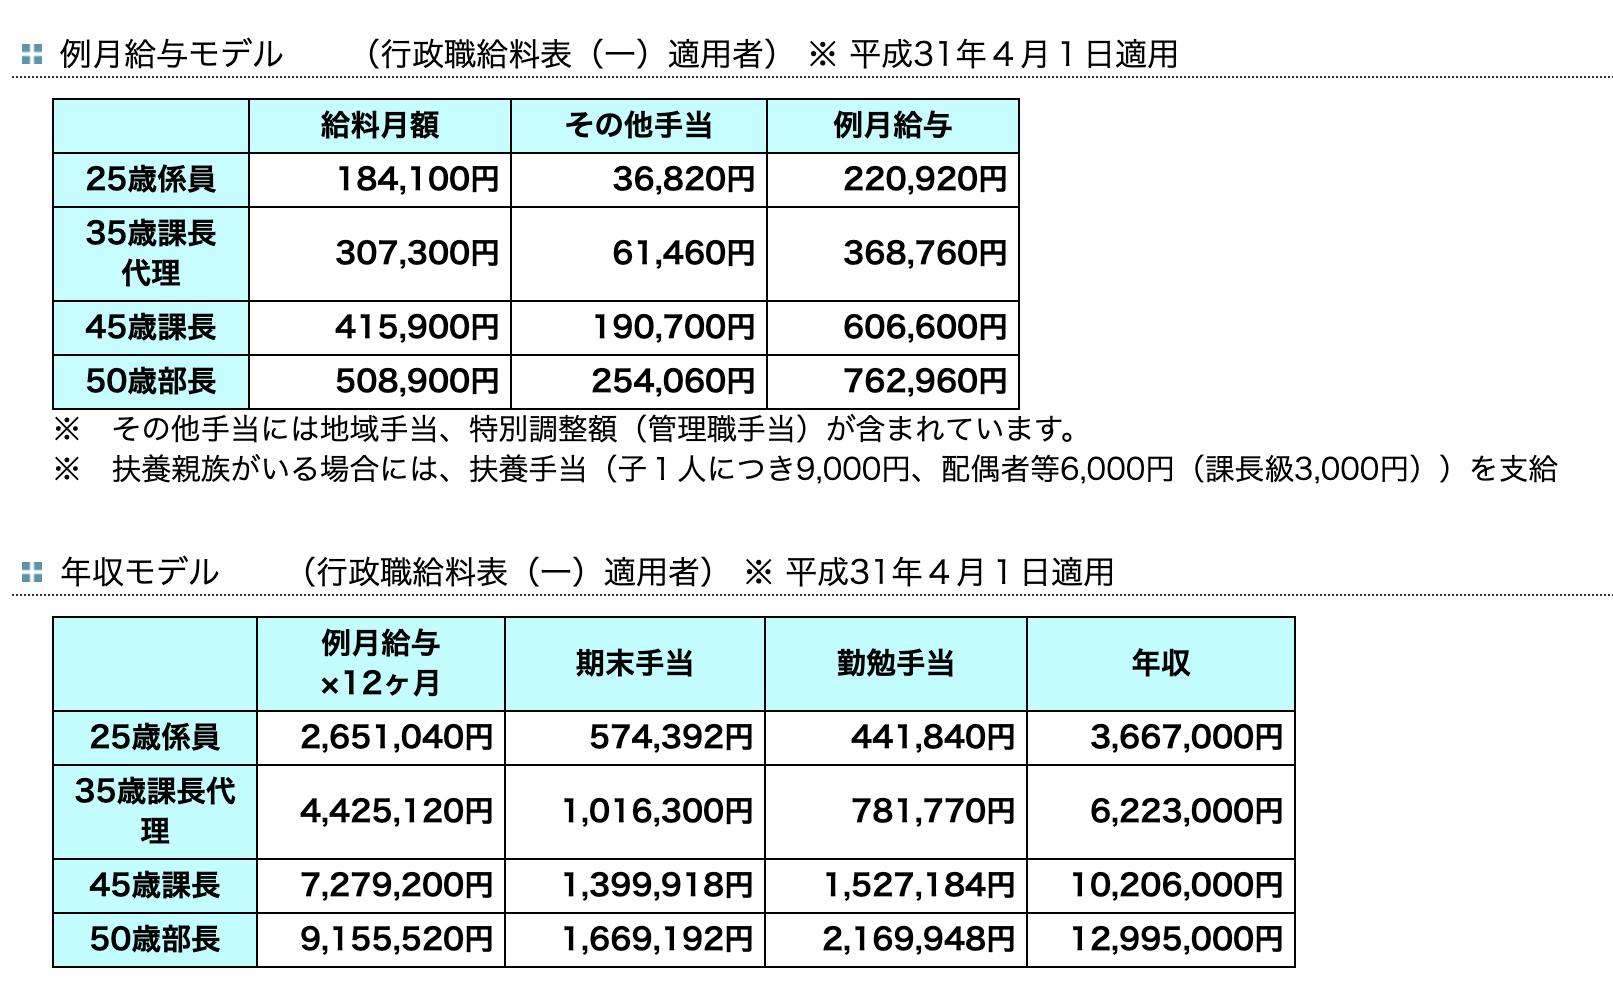 東京都庁職員のモデル年収